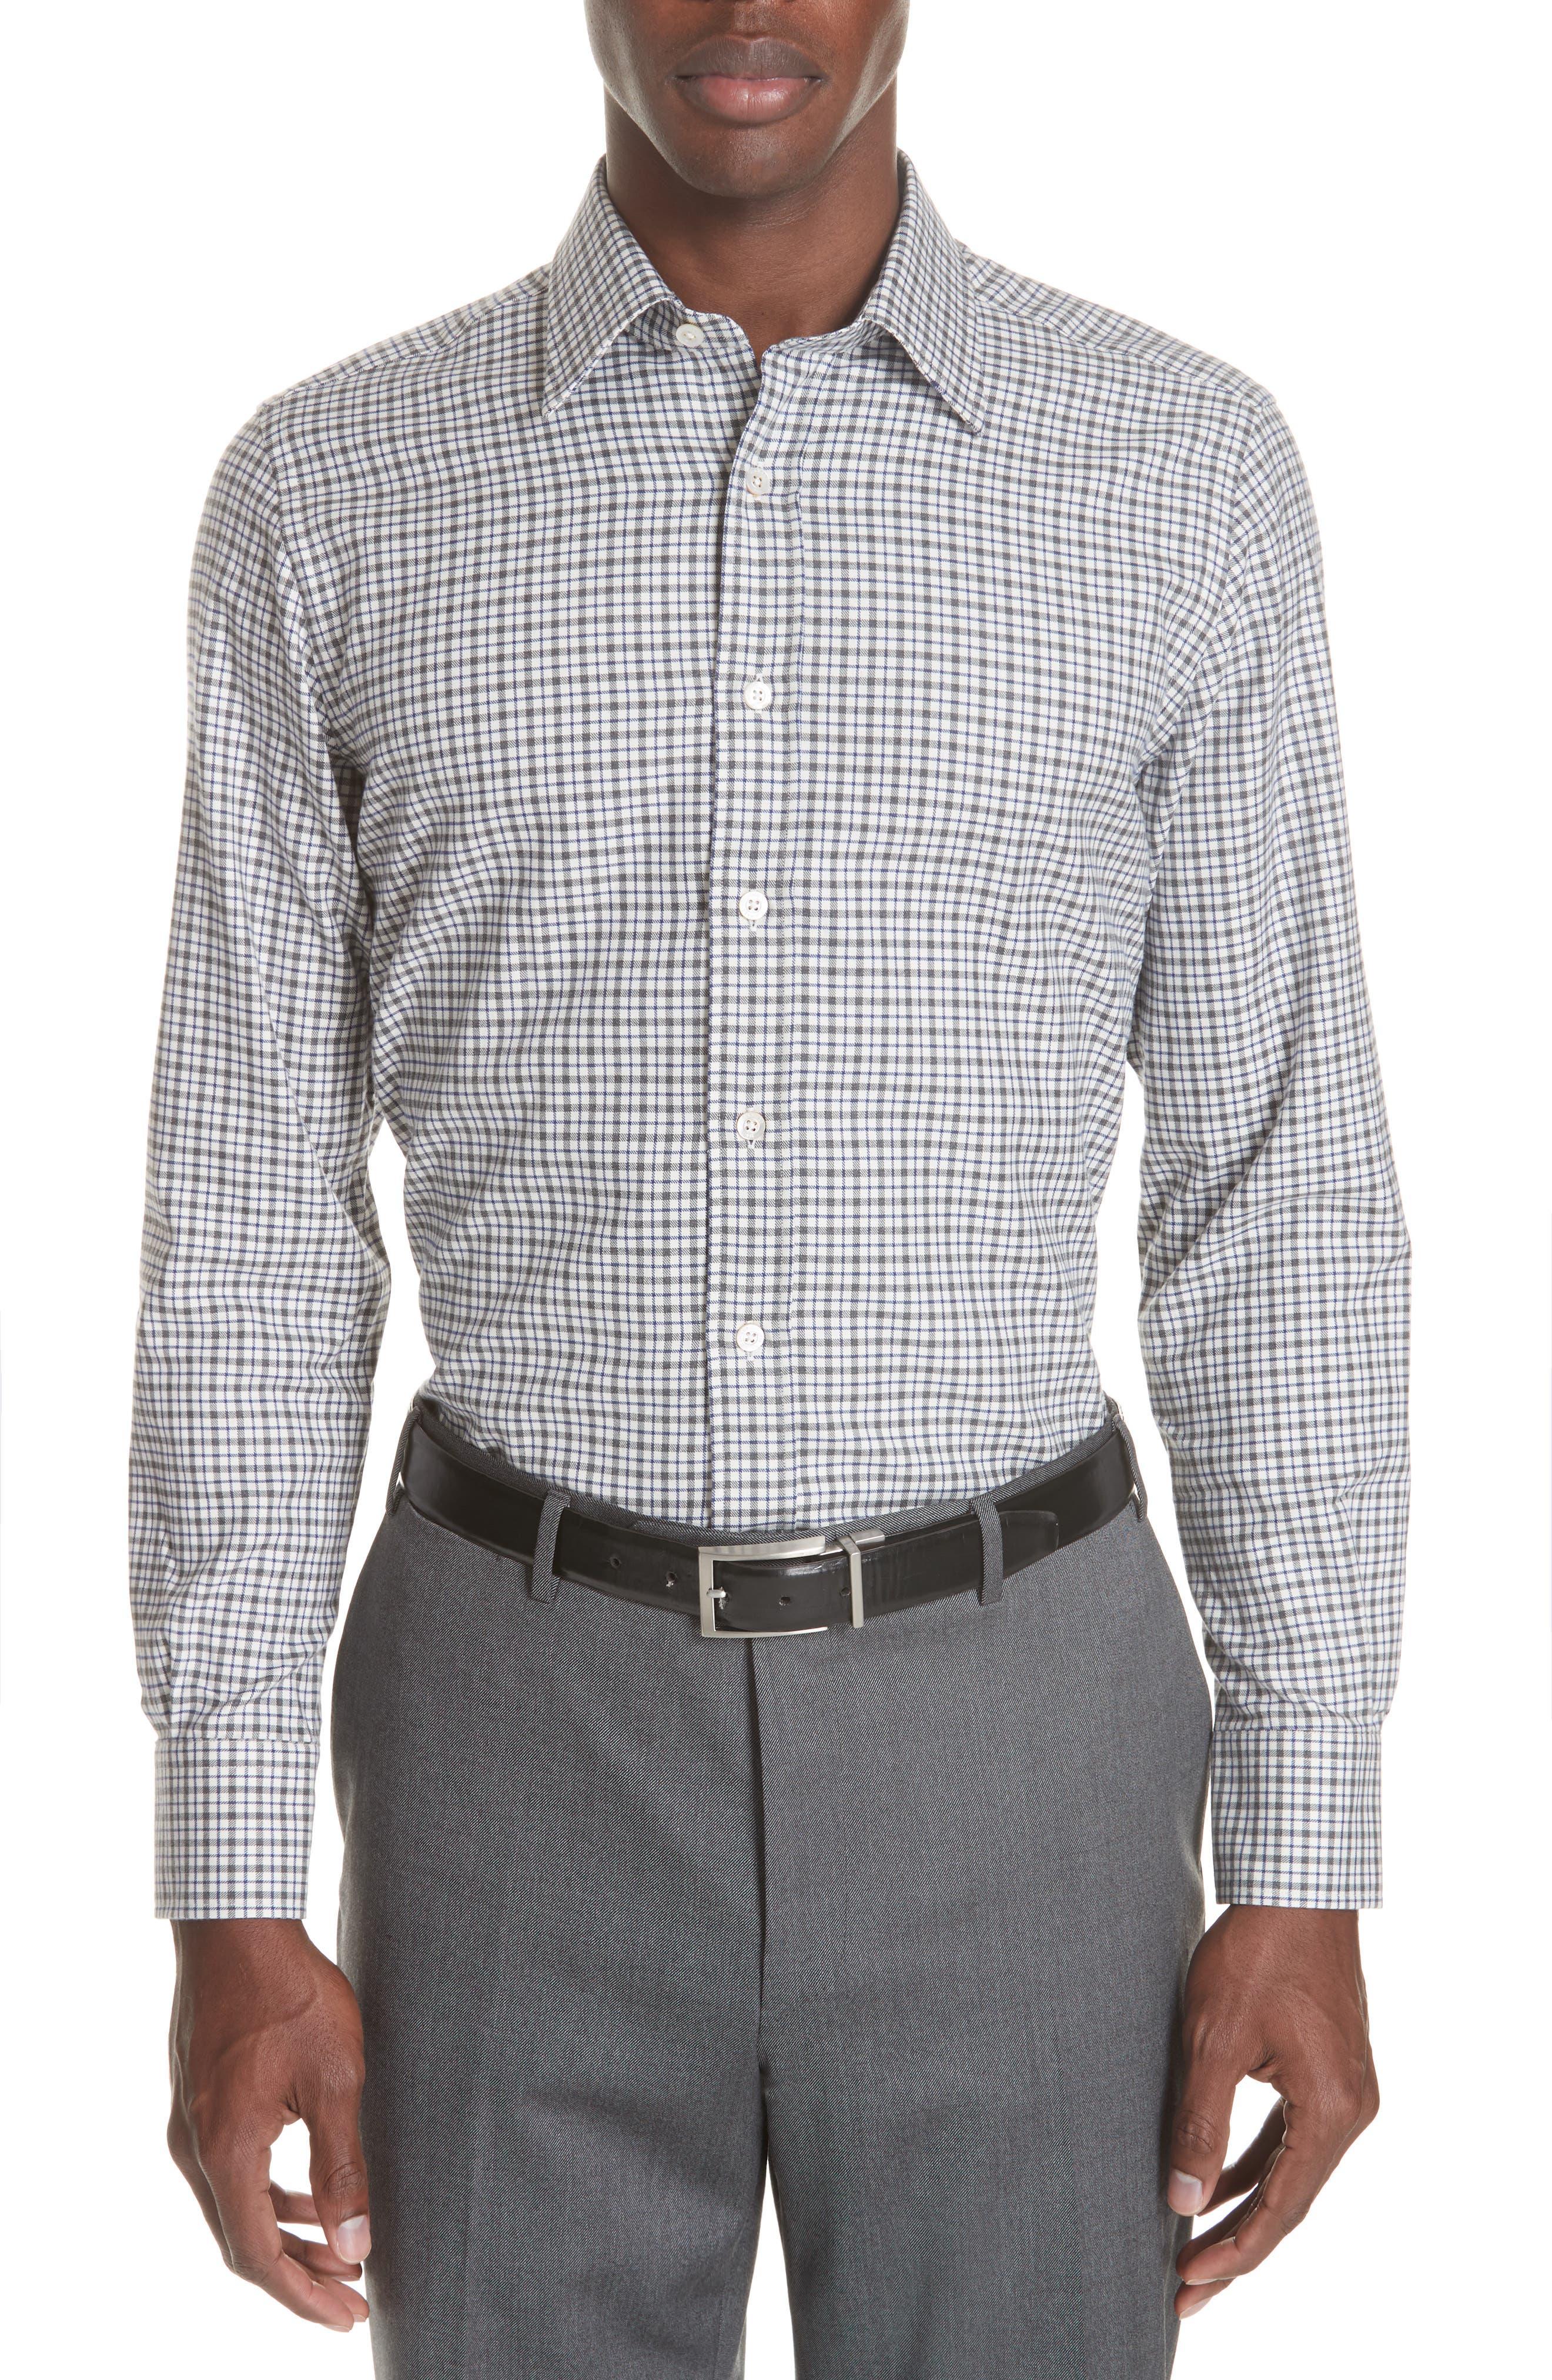 Regular Fit Check Dress Shirt,                             Main thumbnail 1, color,                             GREY